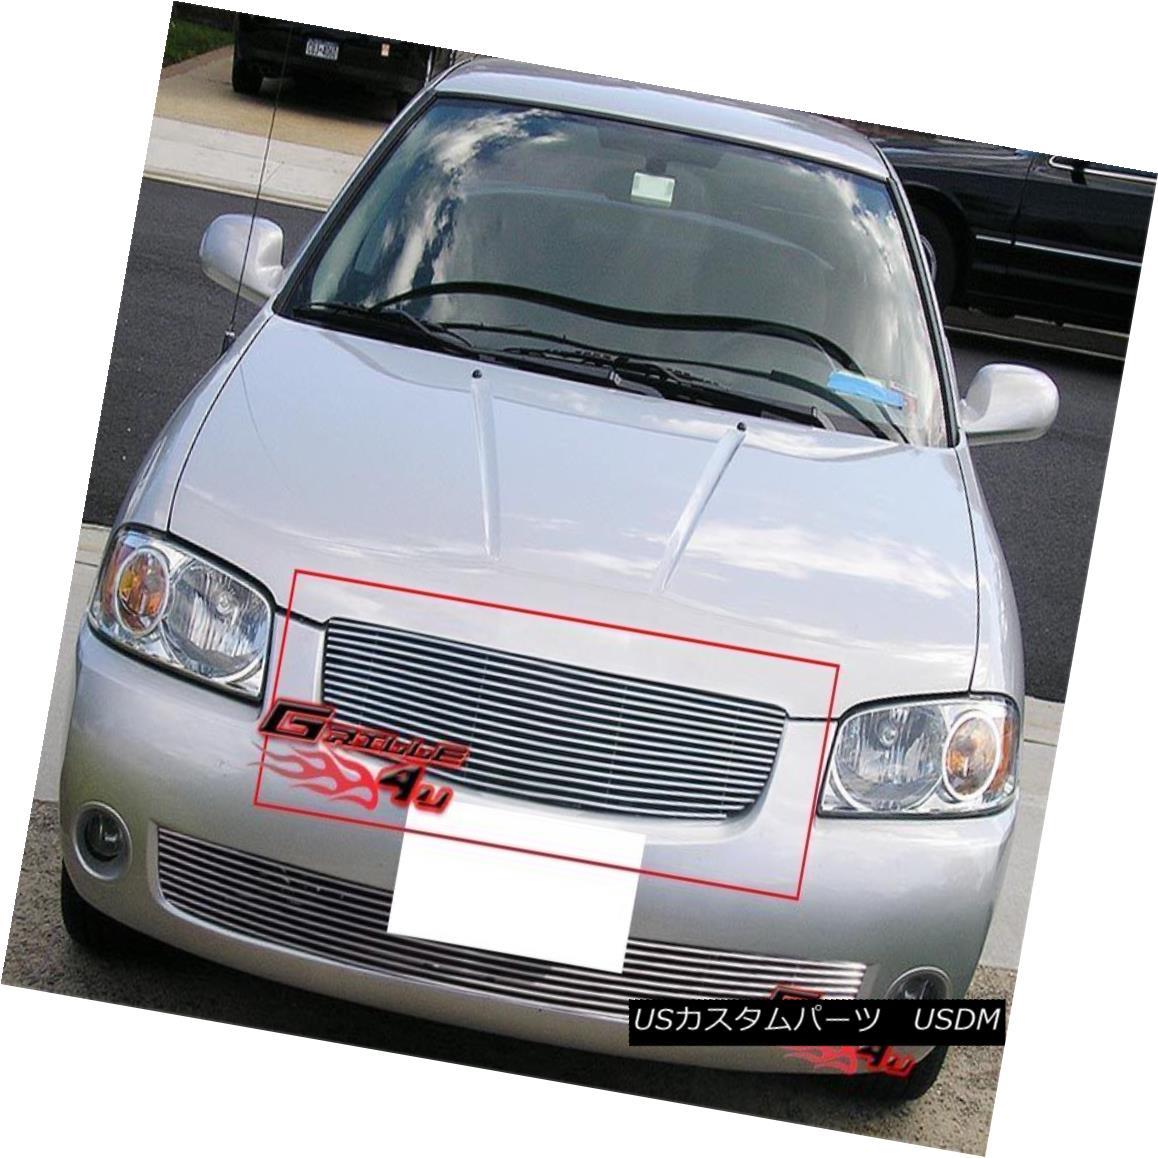 グリル For 04-06 Nissan Sentra Billet Grille Insert 04-06日産セントラビレットグリルインサート